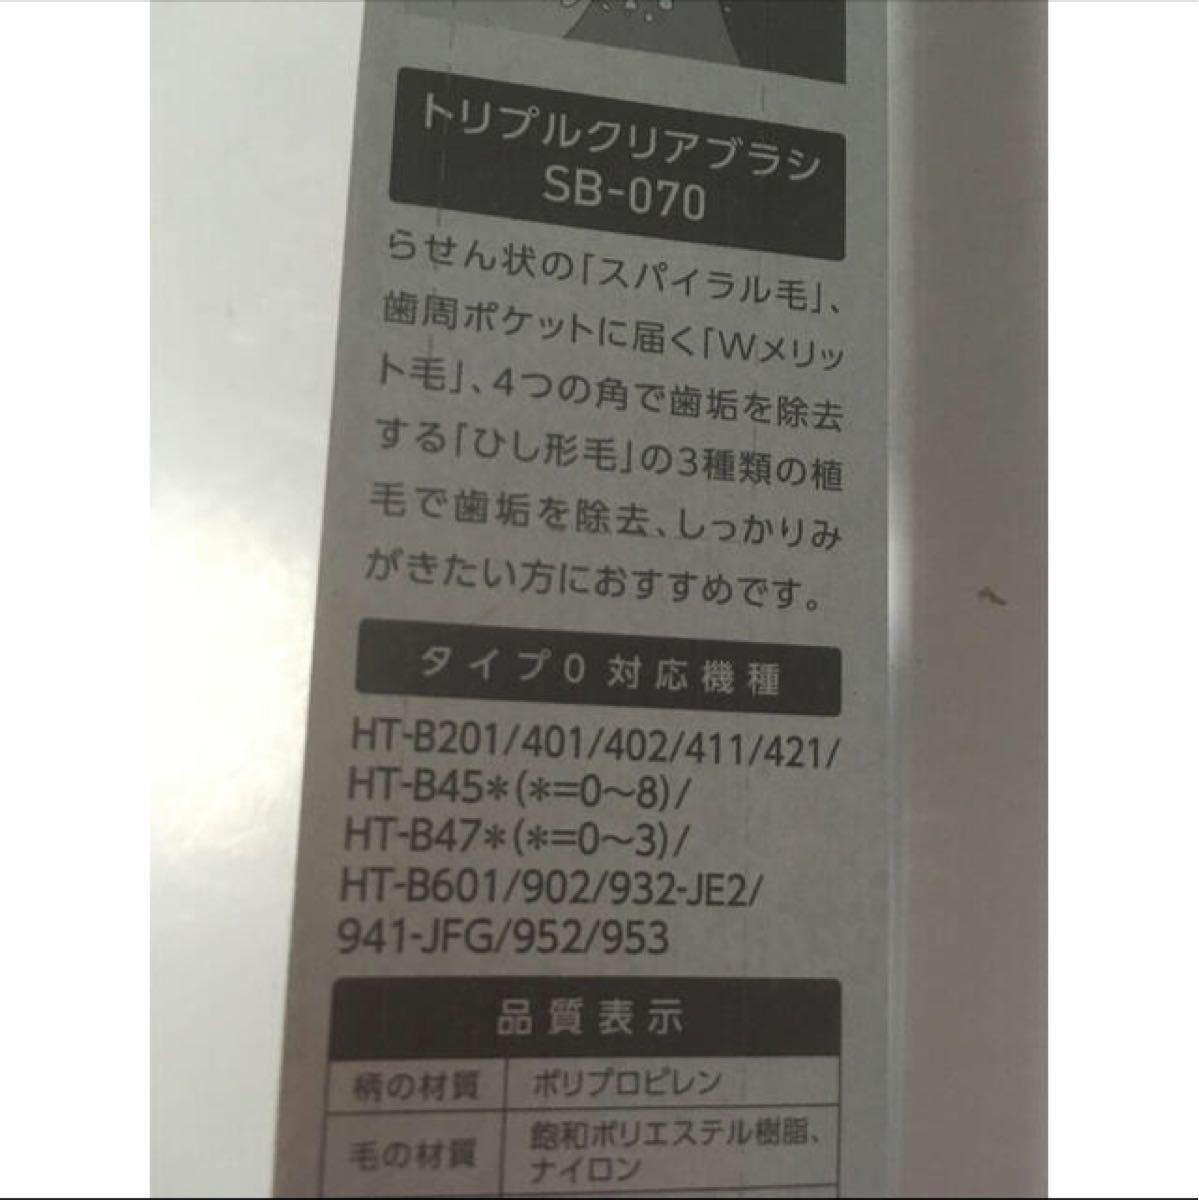 オムロン音波式電動歯ブラシ用 トリプルクリアブラシ SB-070 2本入